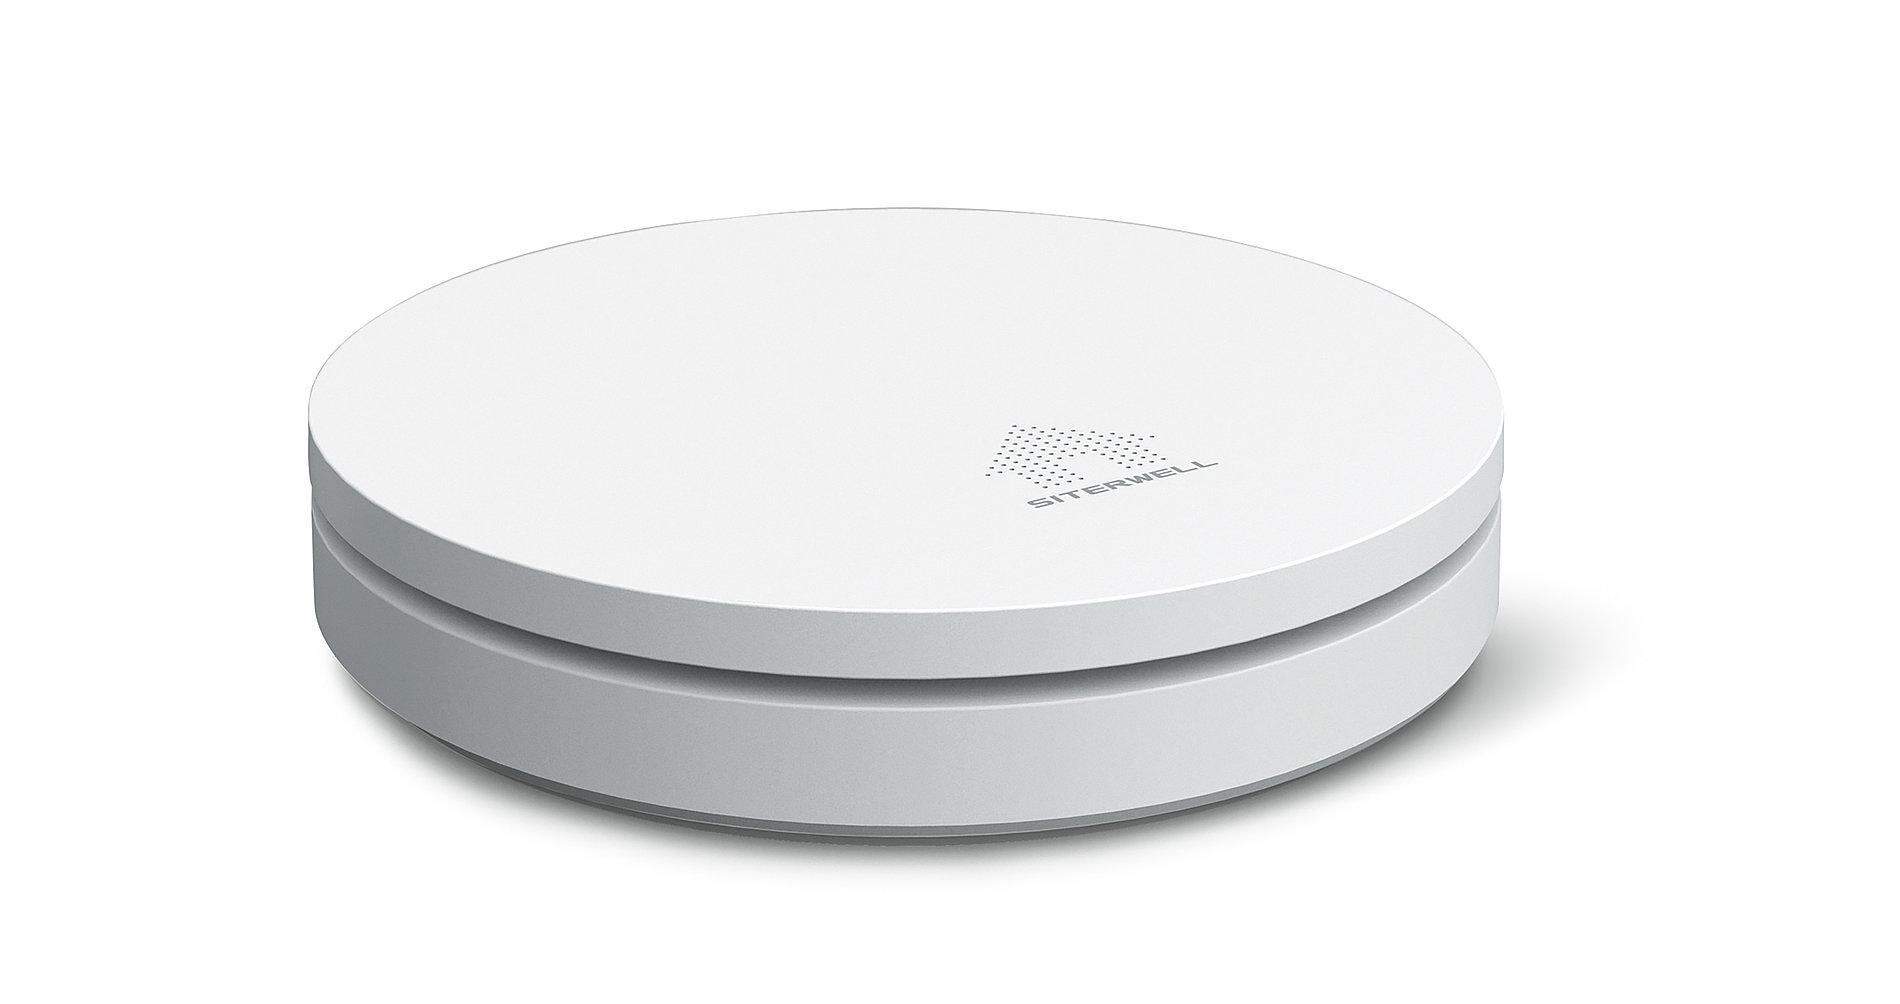 Siterwell GS546 | Red Dot Design Award